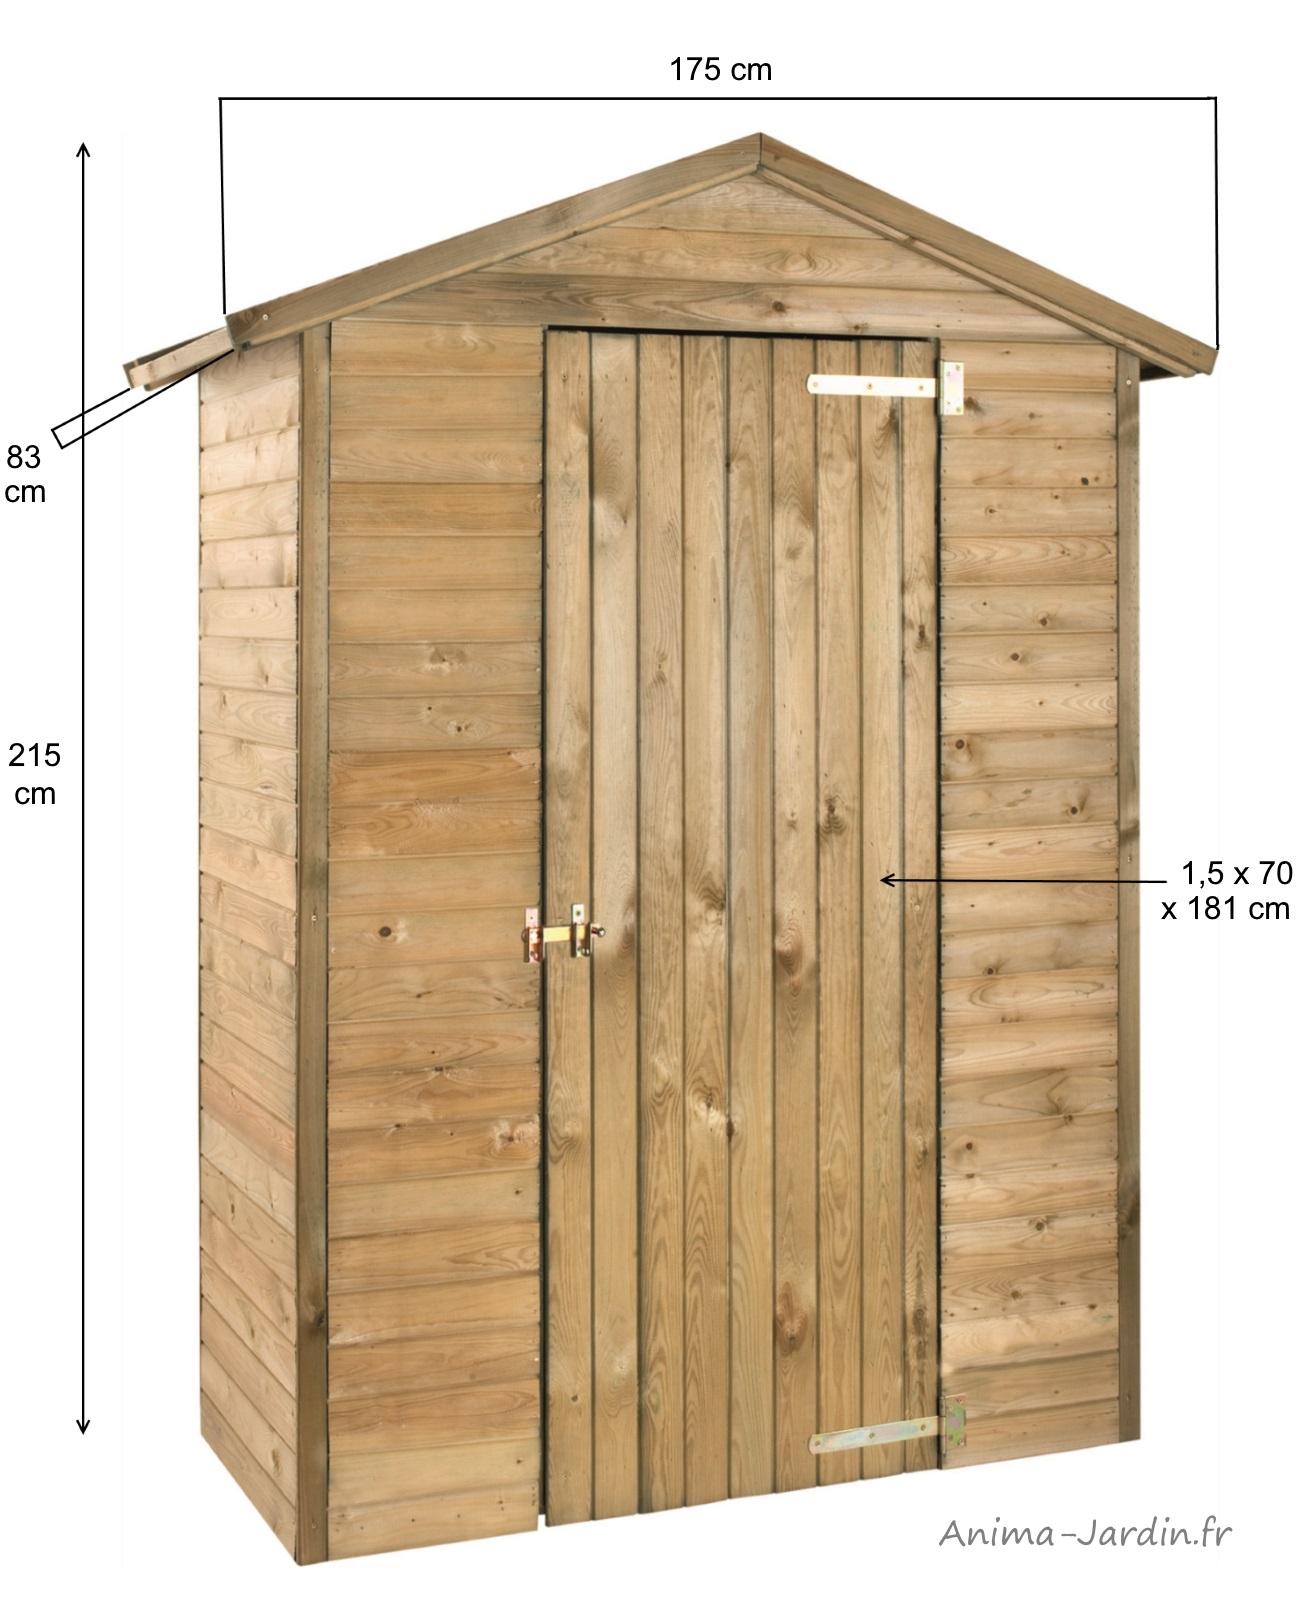 Armoire De Rangement, Bois Autoclave, 0,98 M², Petit Abri De ... destiné Armoire De Jardin Pas Cher